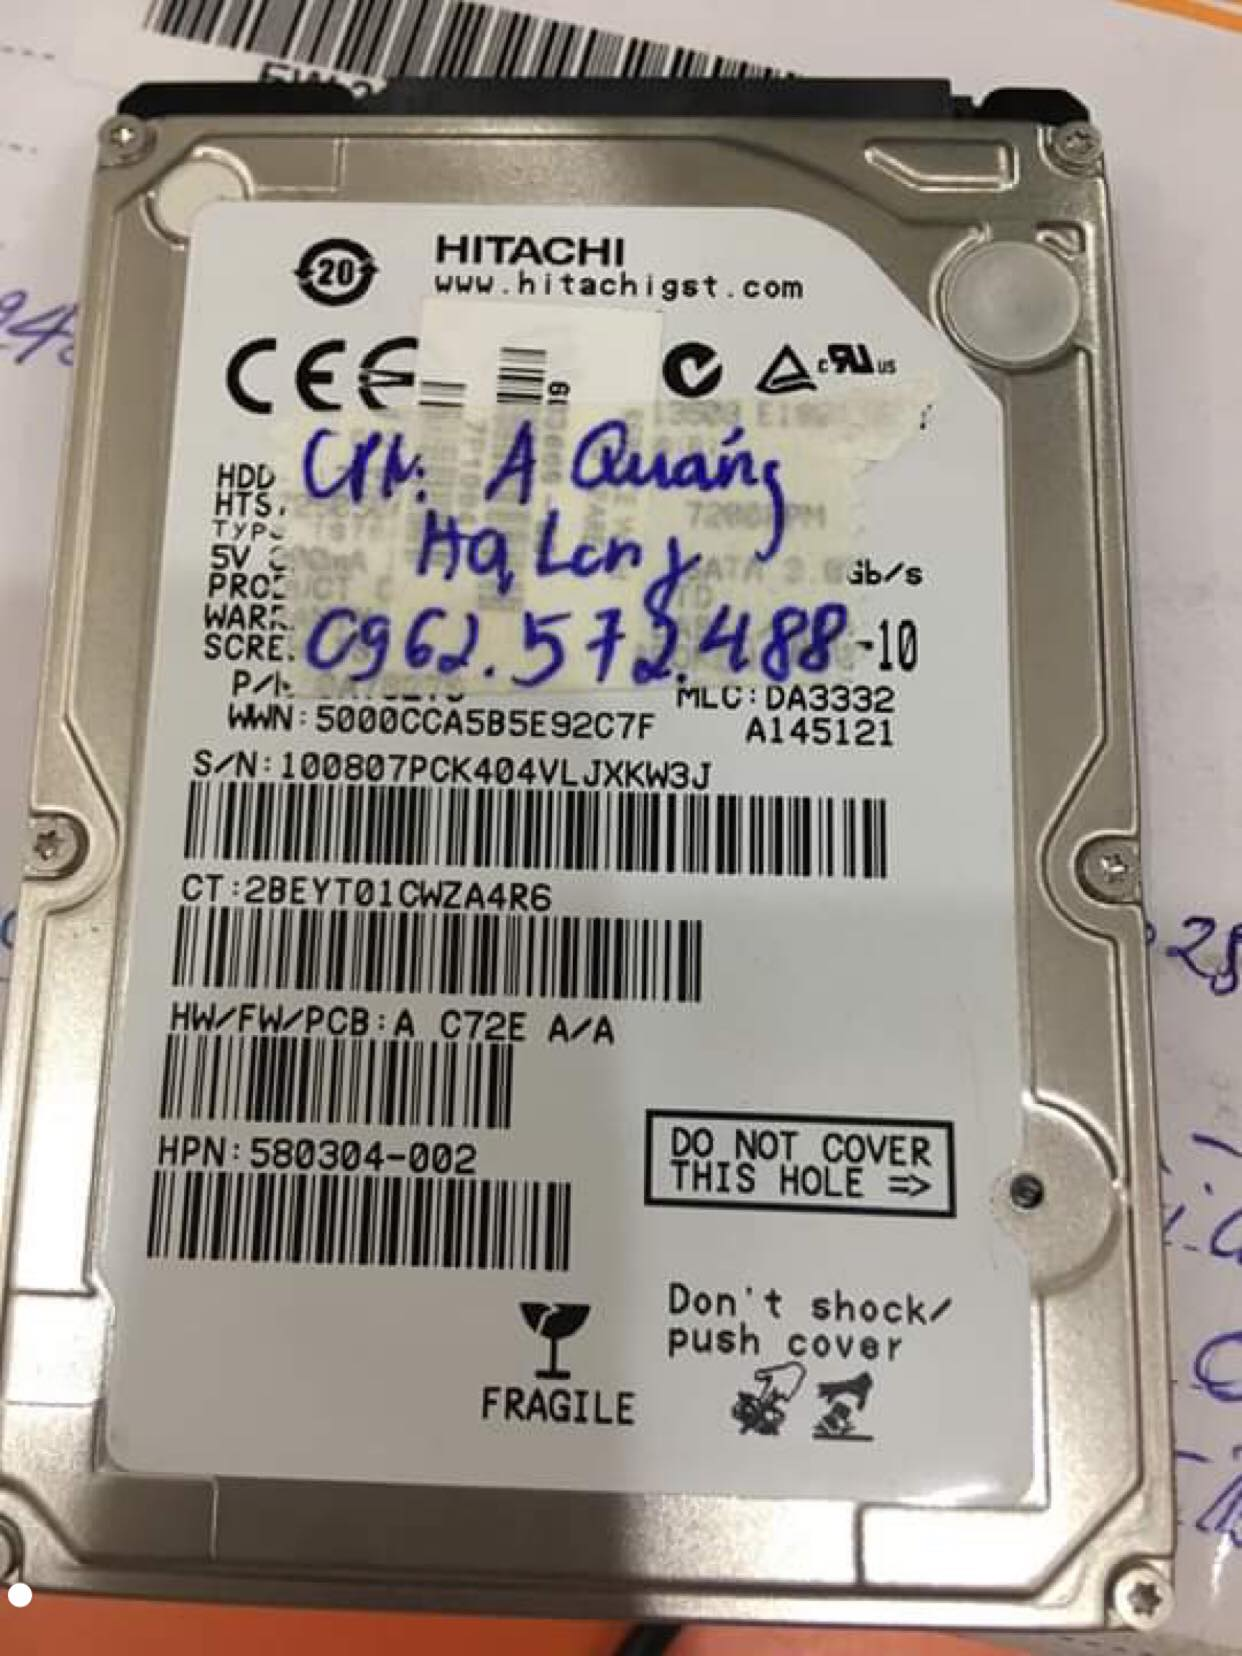 Cứu dữ liệu ổ cứng Hitachi 320GB không nhận tại Quảng Ninh 16/10/2019 - cuumaytinh